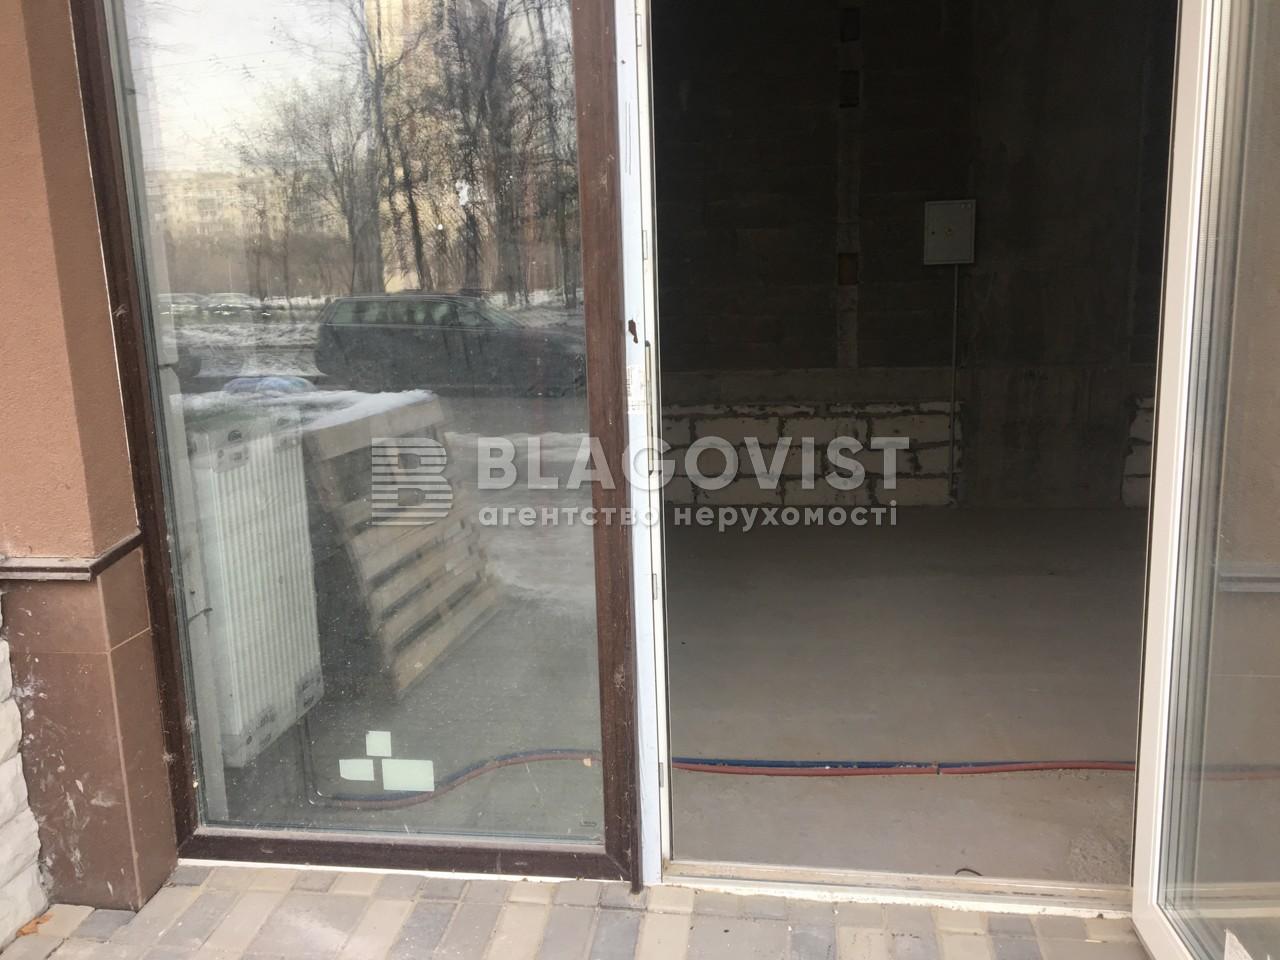 Нежилое помещение, Правды просп., Киев, H-41728 - Фото 6